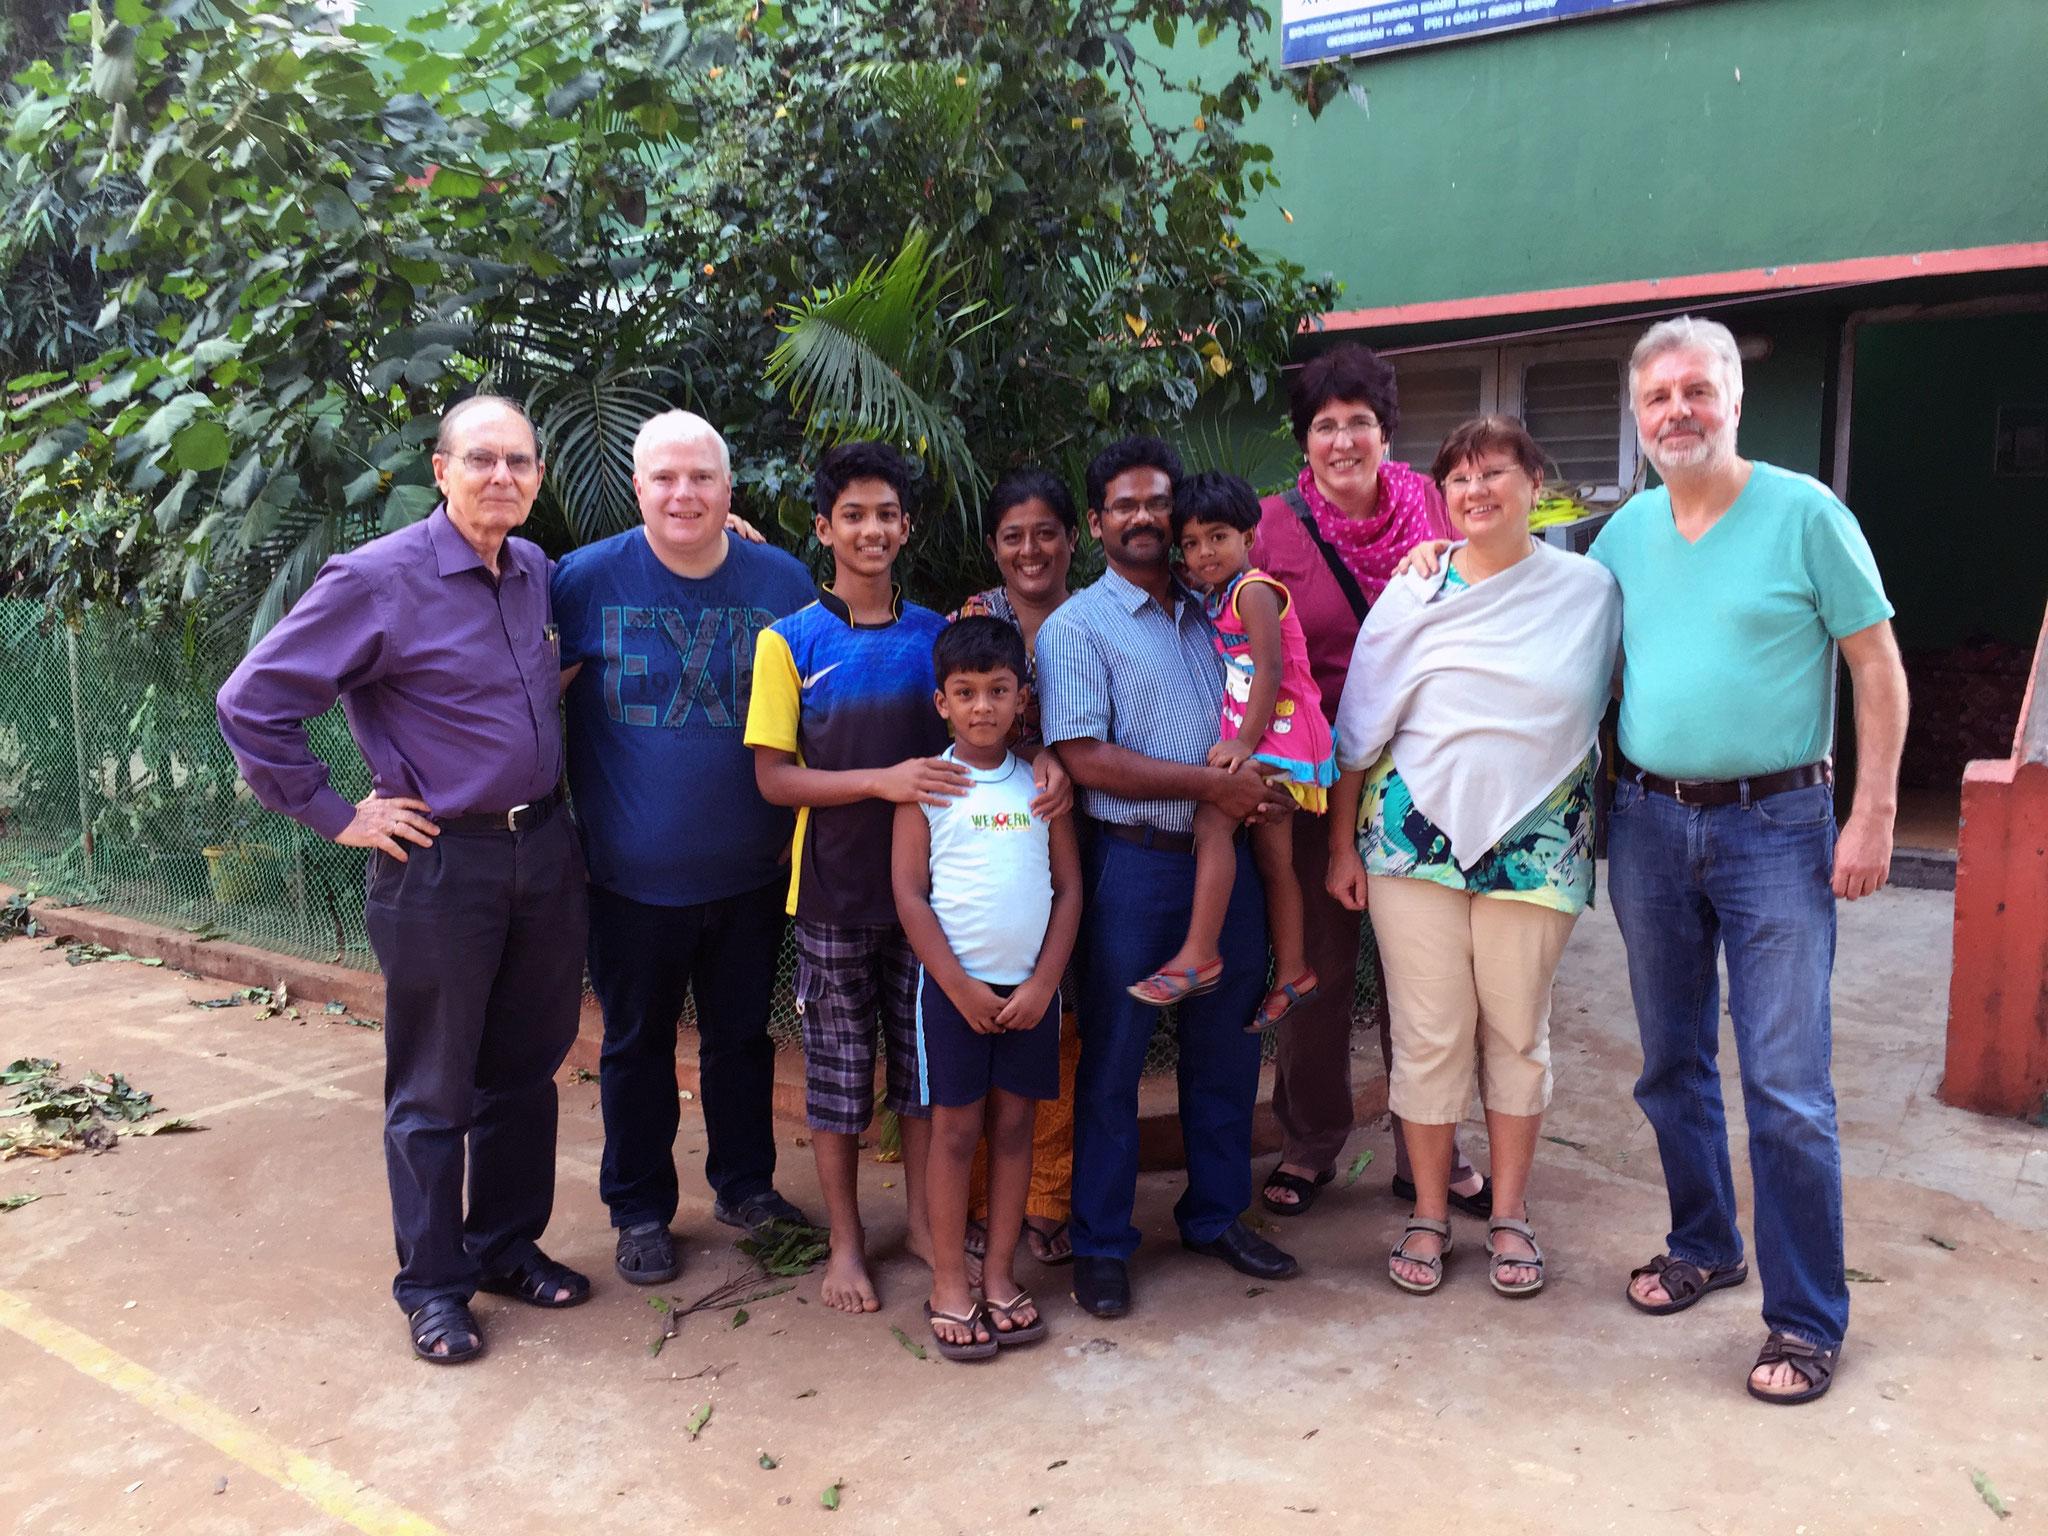 Mit Jochen Tewes und Mitarbeitern im IID Ausbildungszentrum